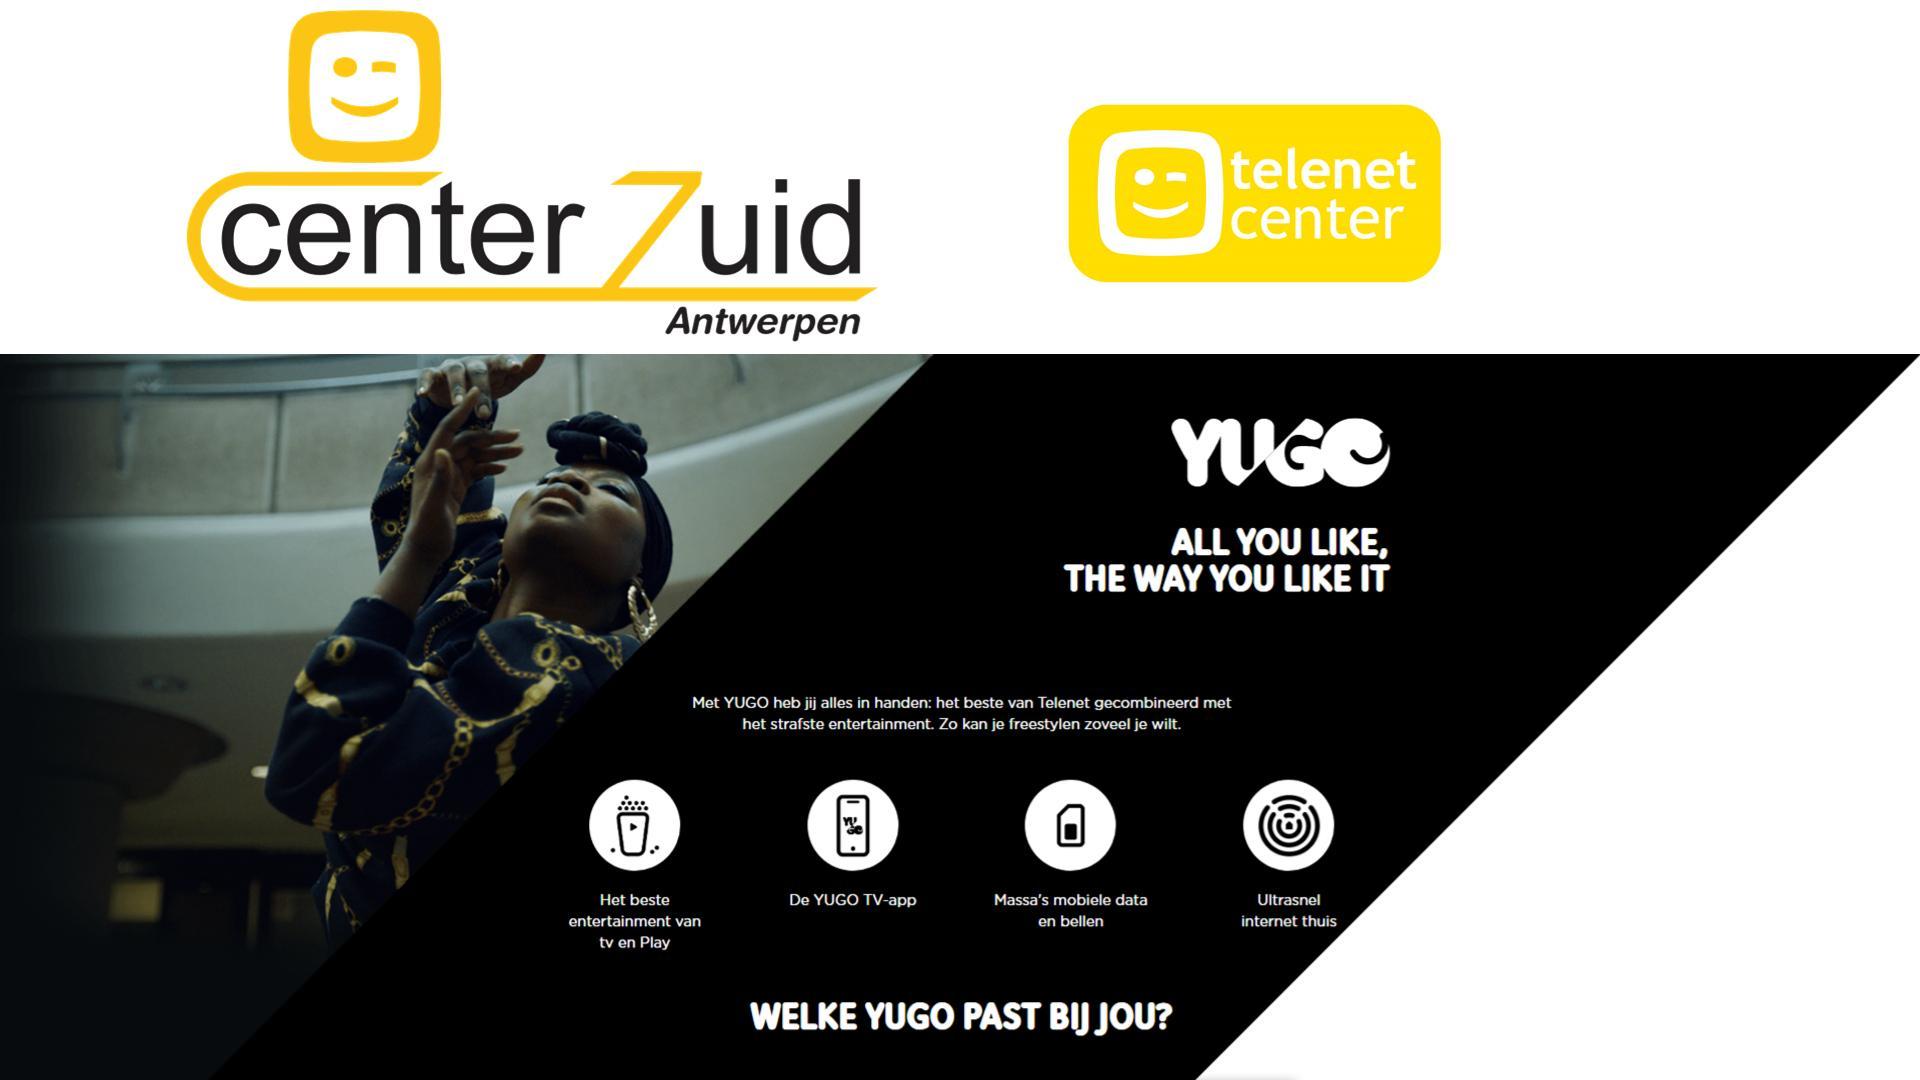 yugo - center - zuid